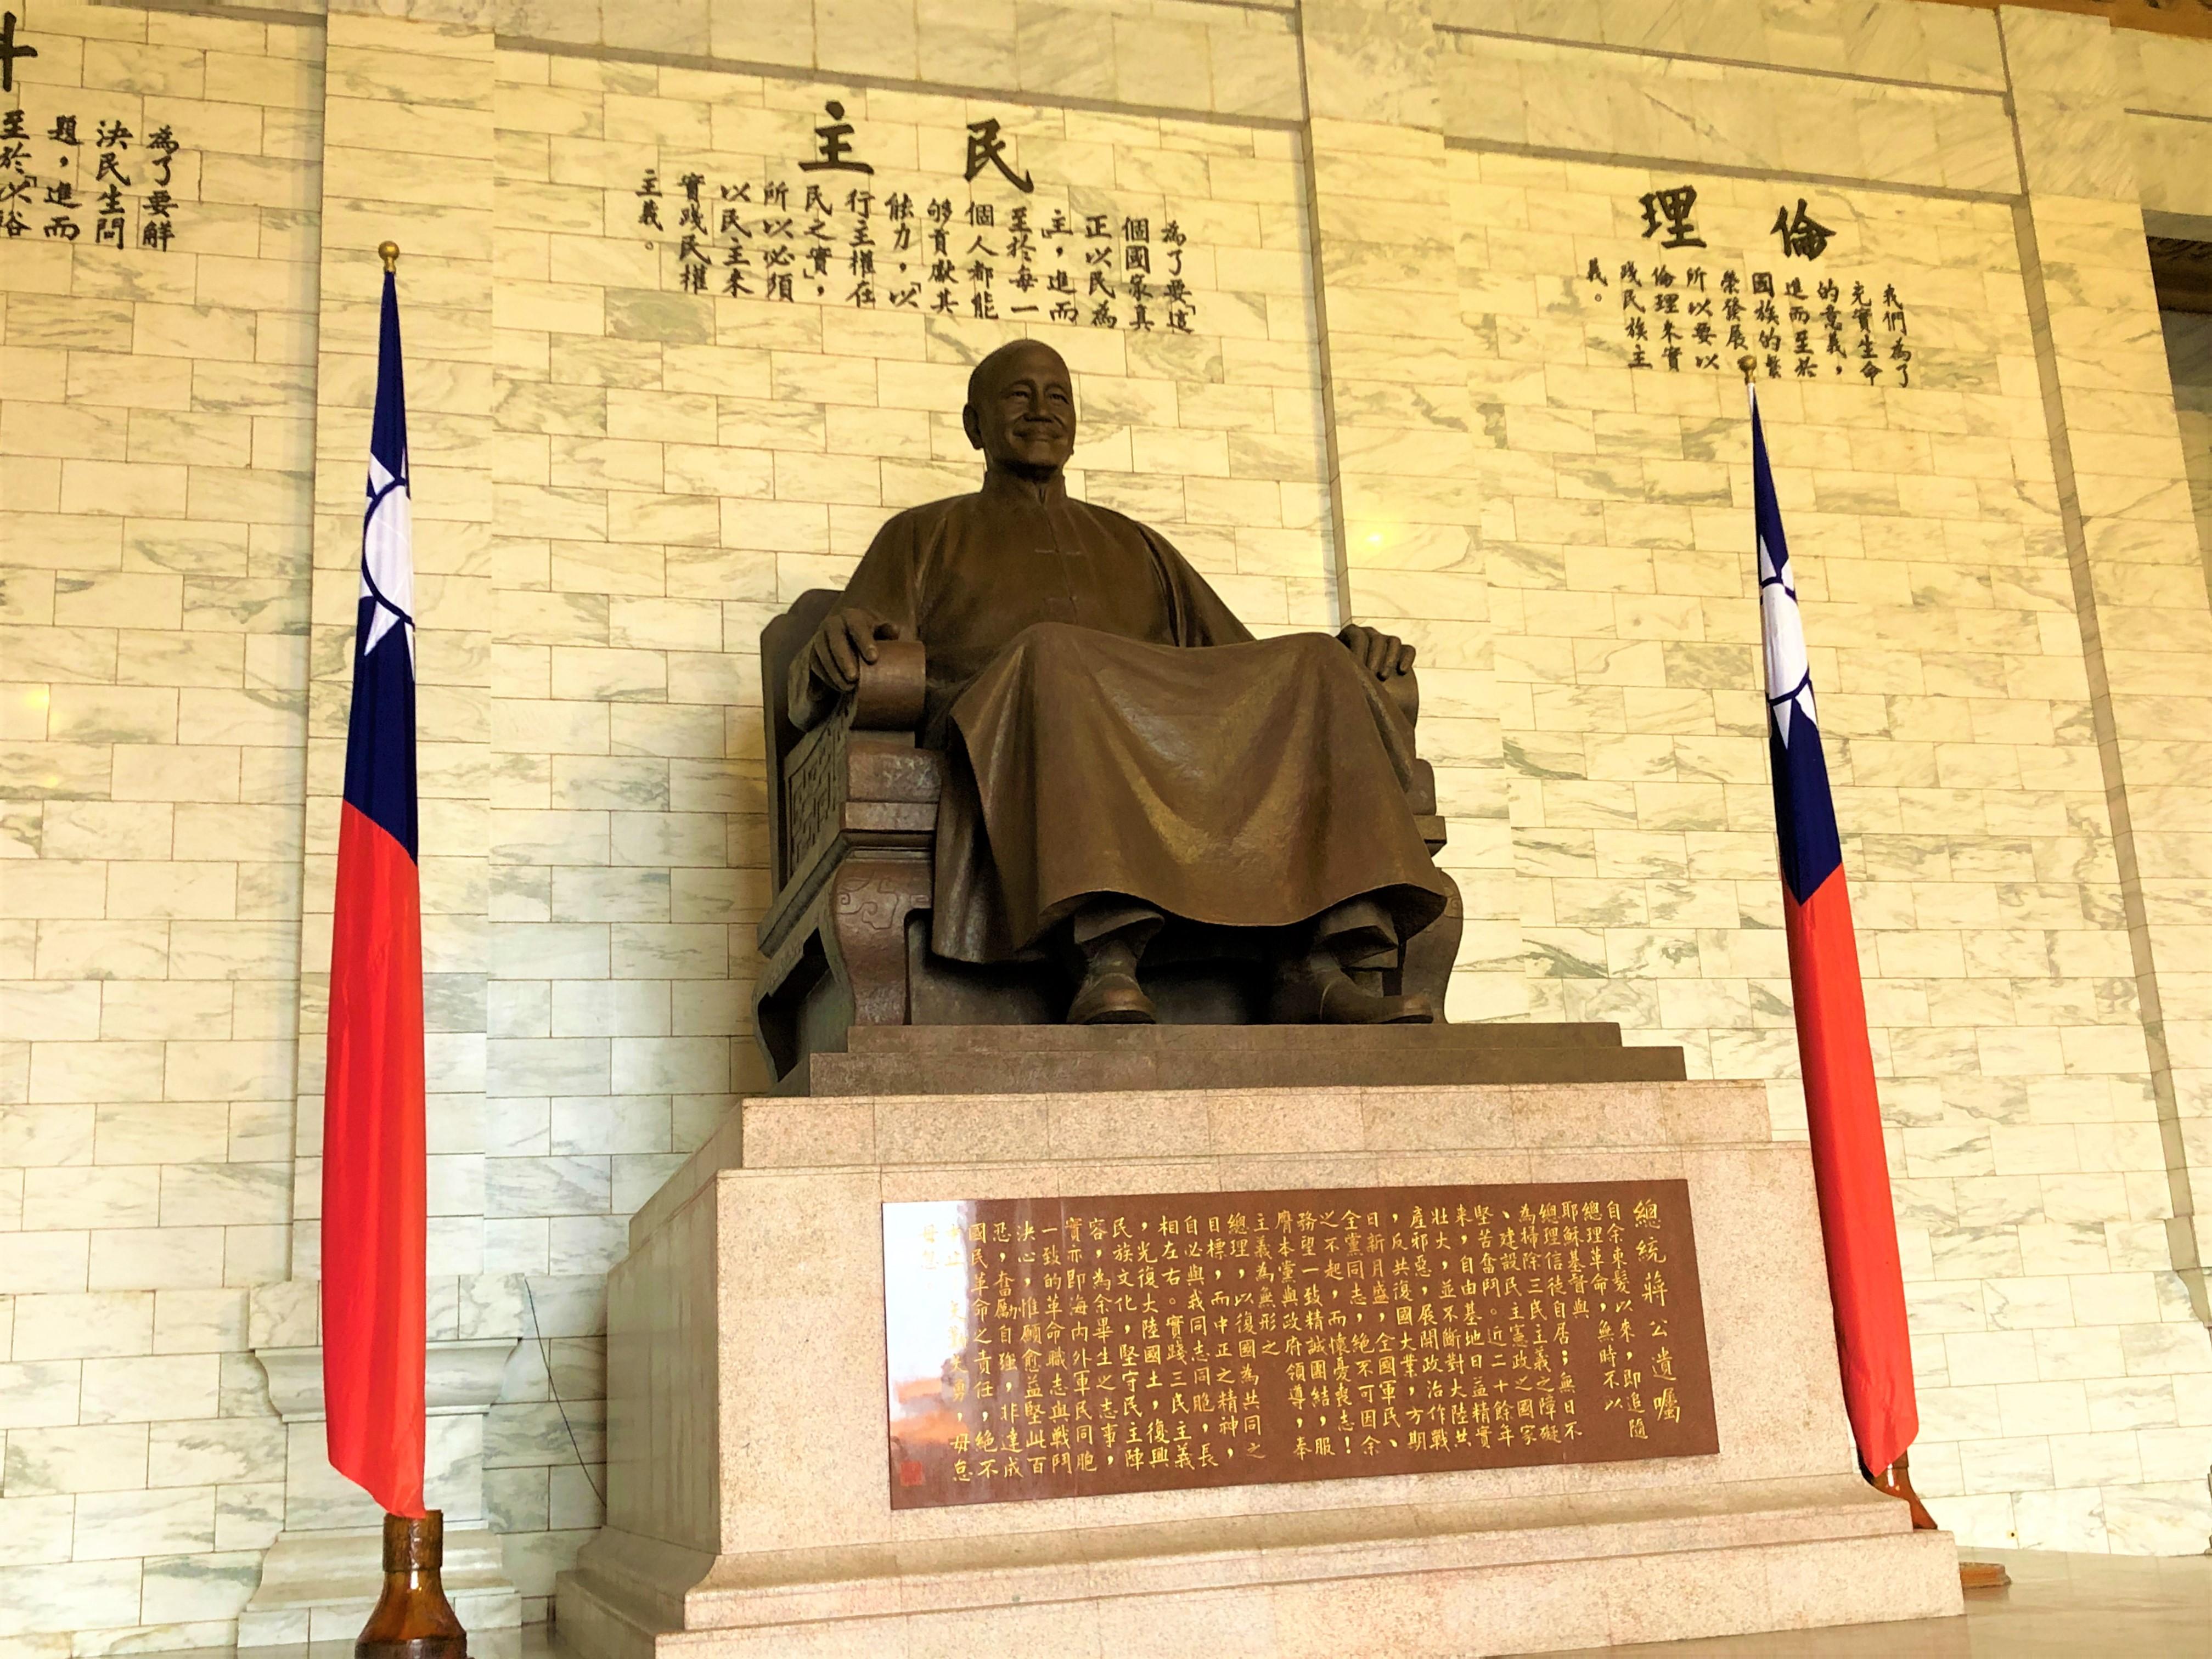 Tchai Kang Check, défait par la République populaire de Chine se réfugie à Taiwan. Il en est aujourd'hui le symbole et  le garant de la liberté /crédit photo JDL